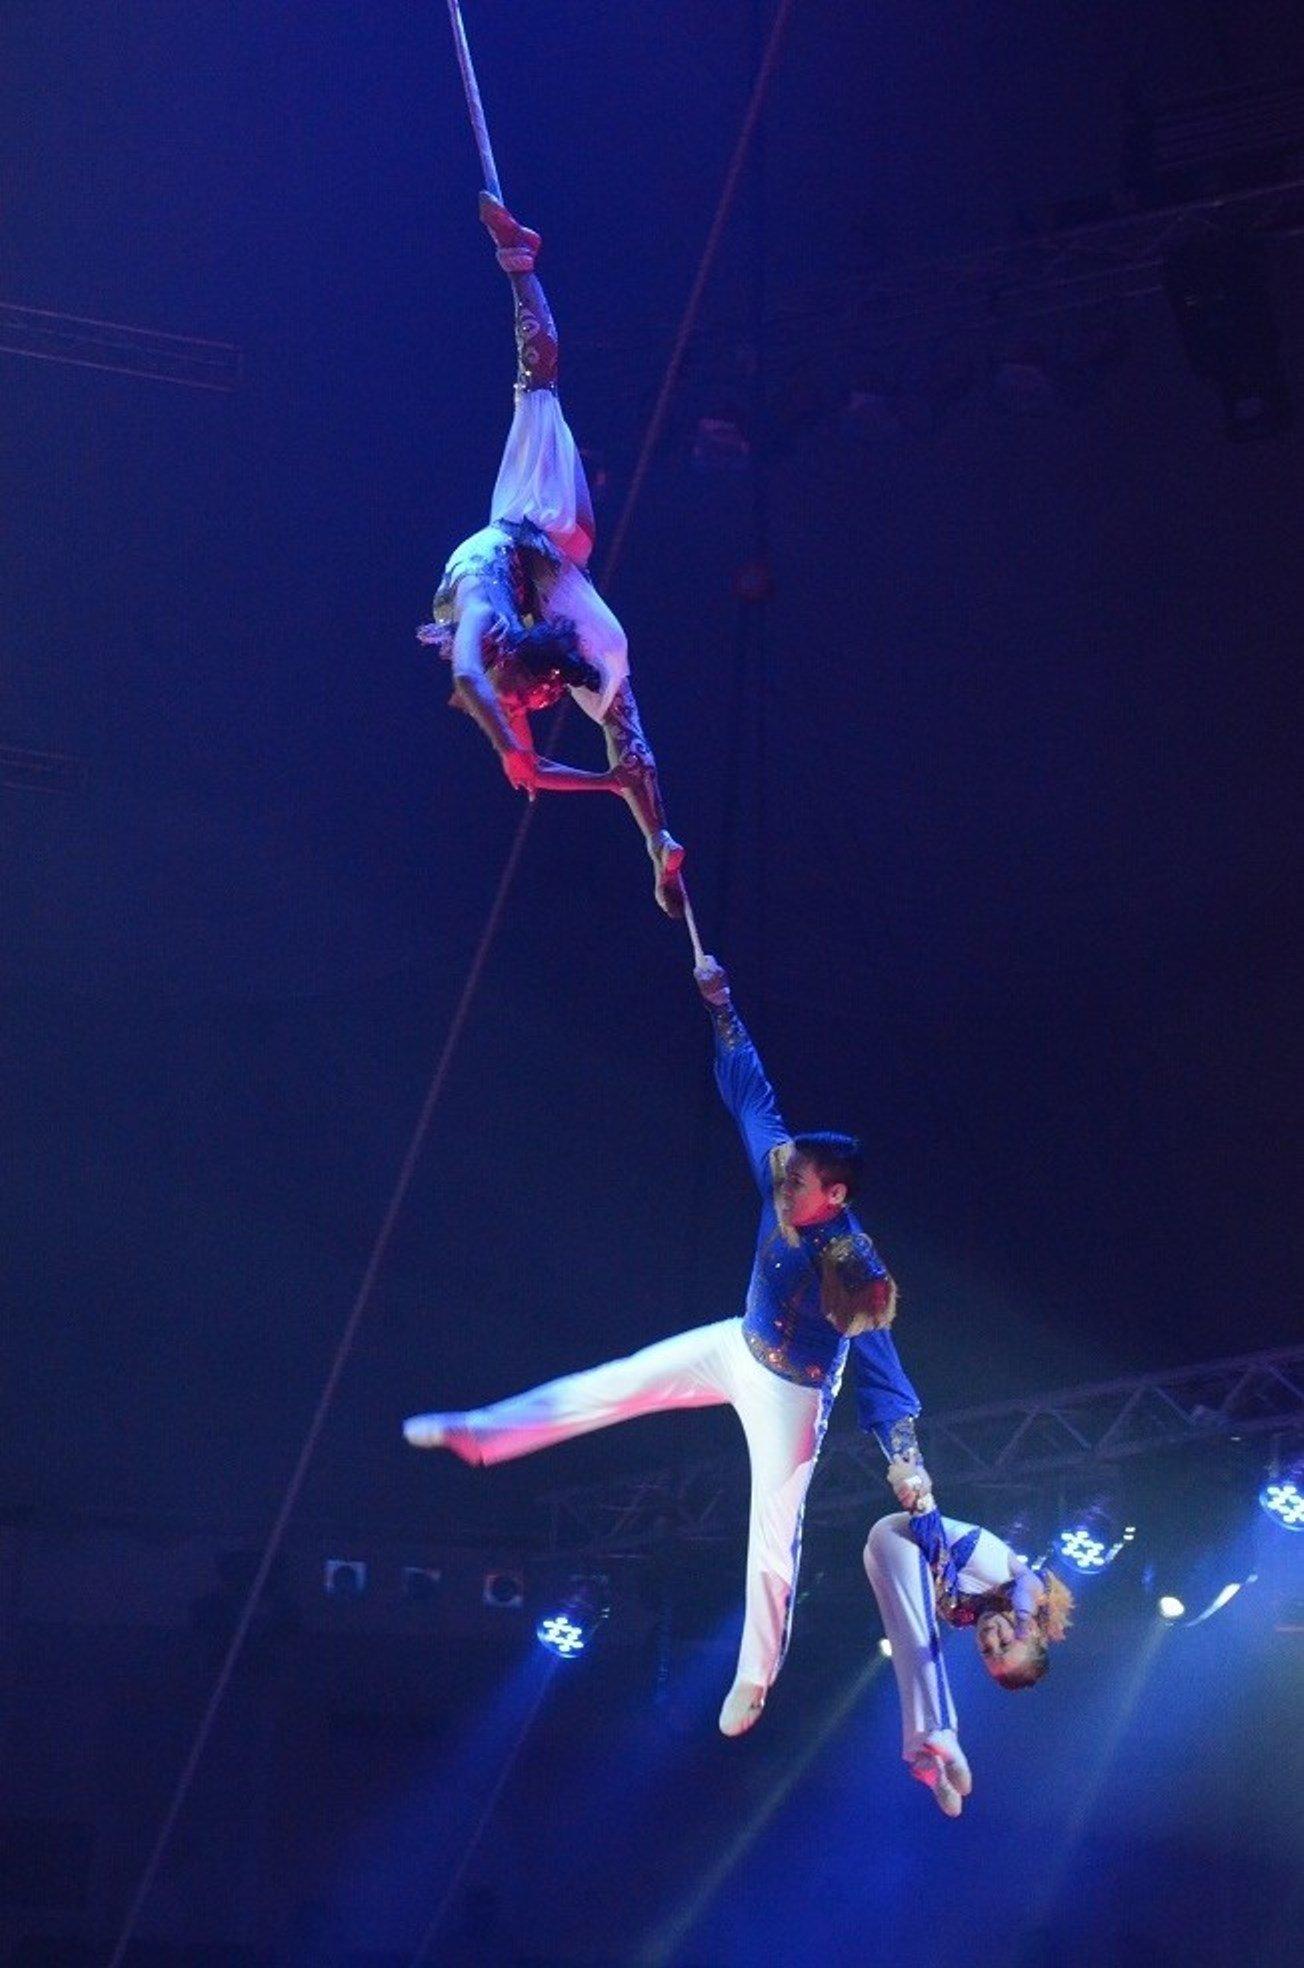 Восьмилетний узбекистанец дебютировал под куполом цирка в ...